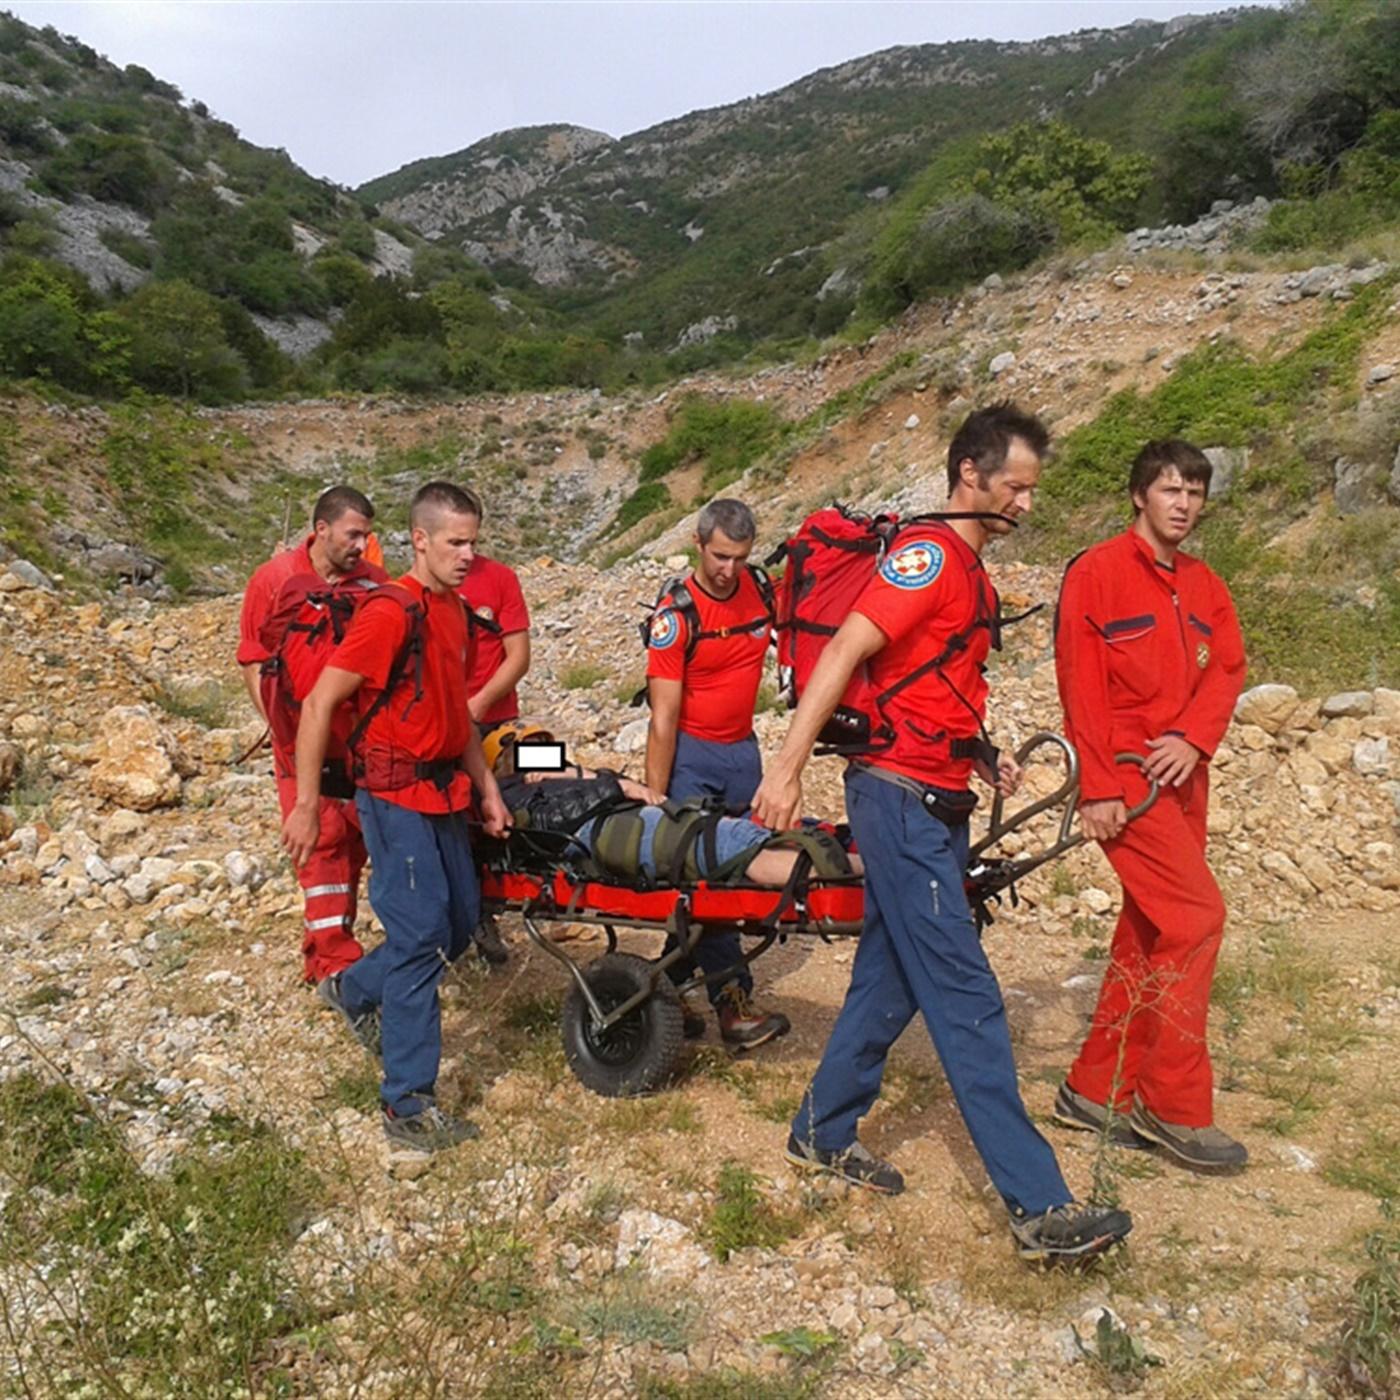 Akcija spašavanja švicarske turistkinje u zaleđu sibinja.